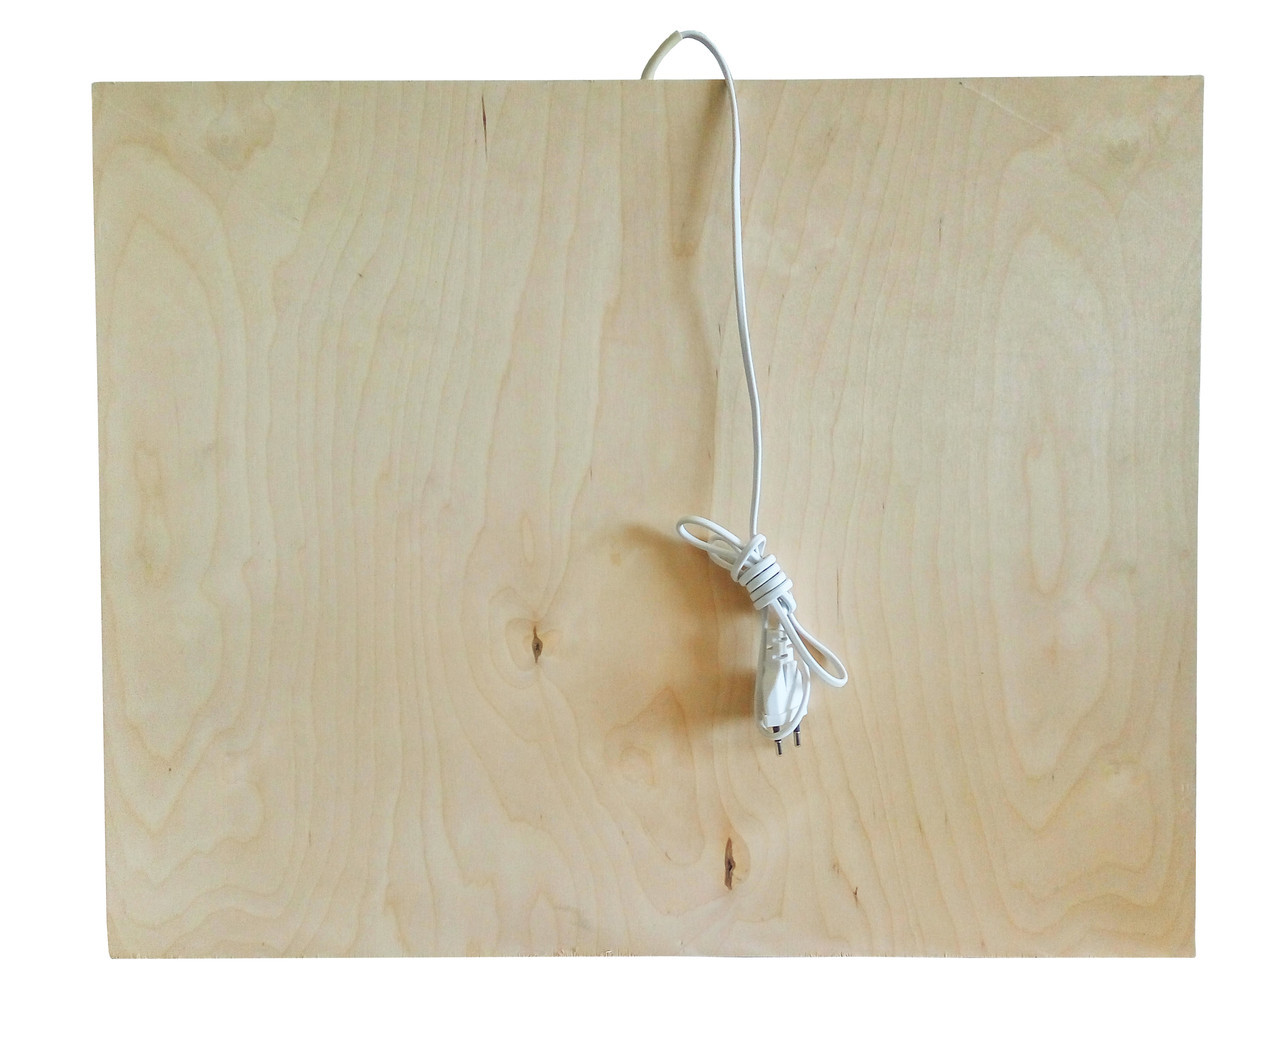 Инфракрасная подставка с обогревом QSB 100W, деревянный обогреватель, с доставкой Трио 01603